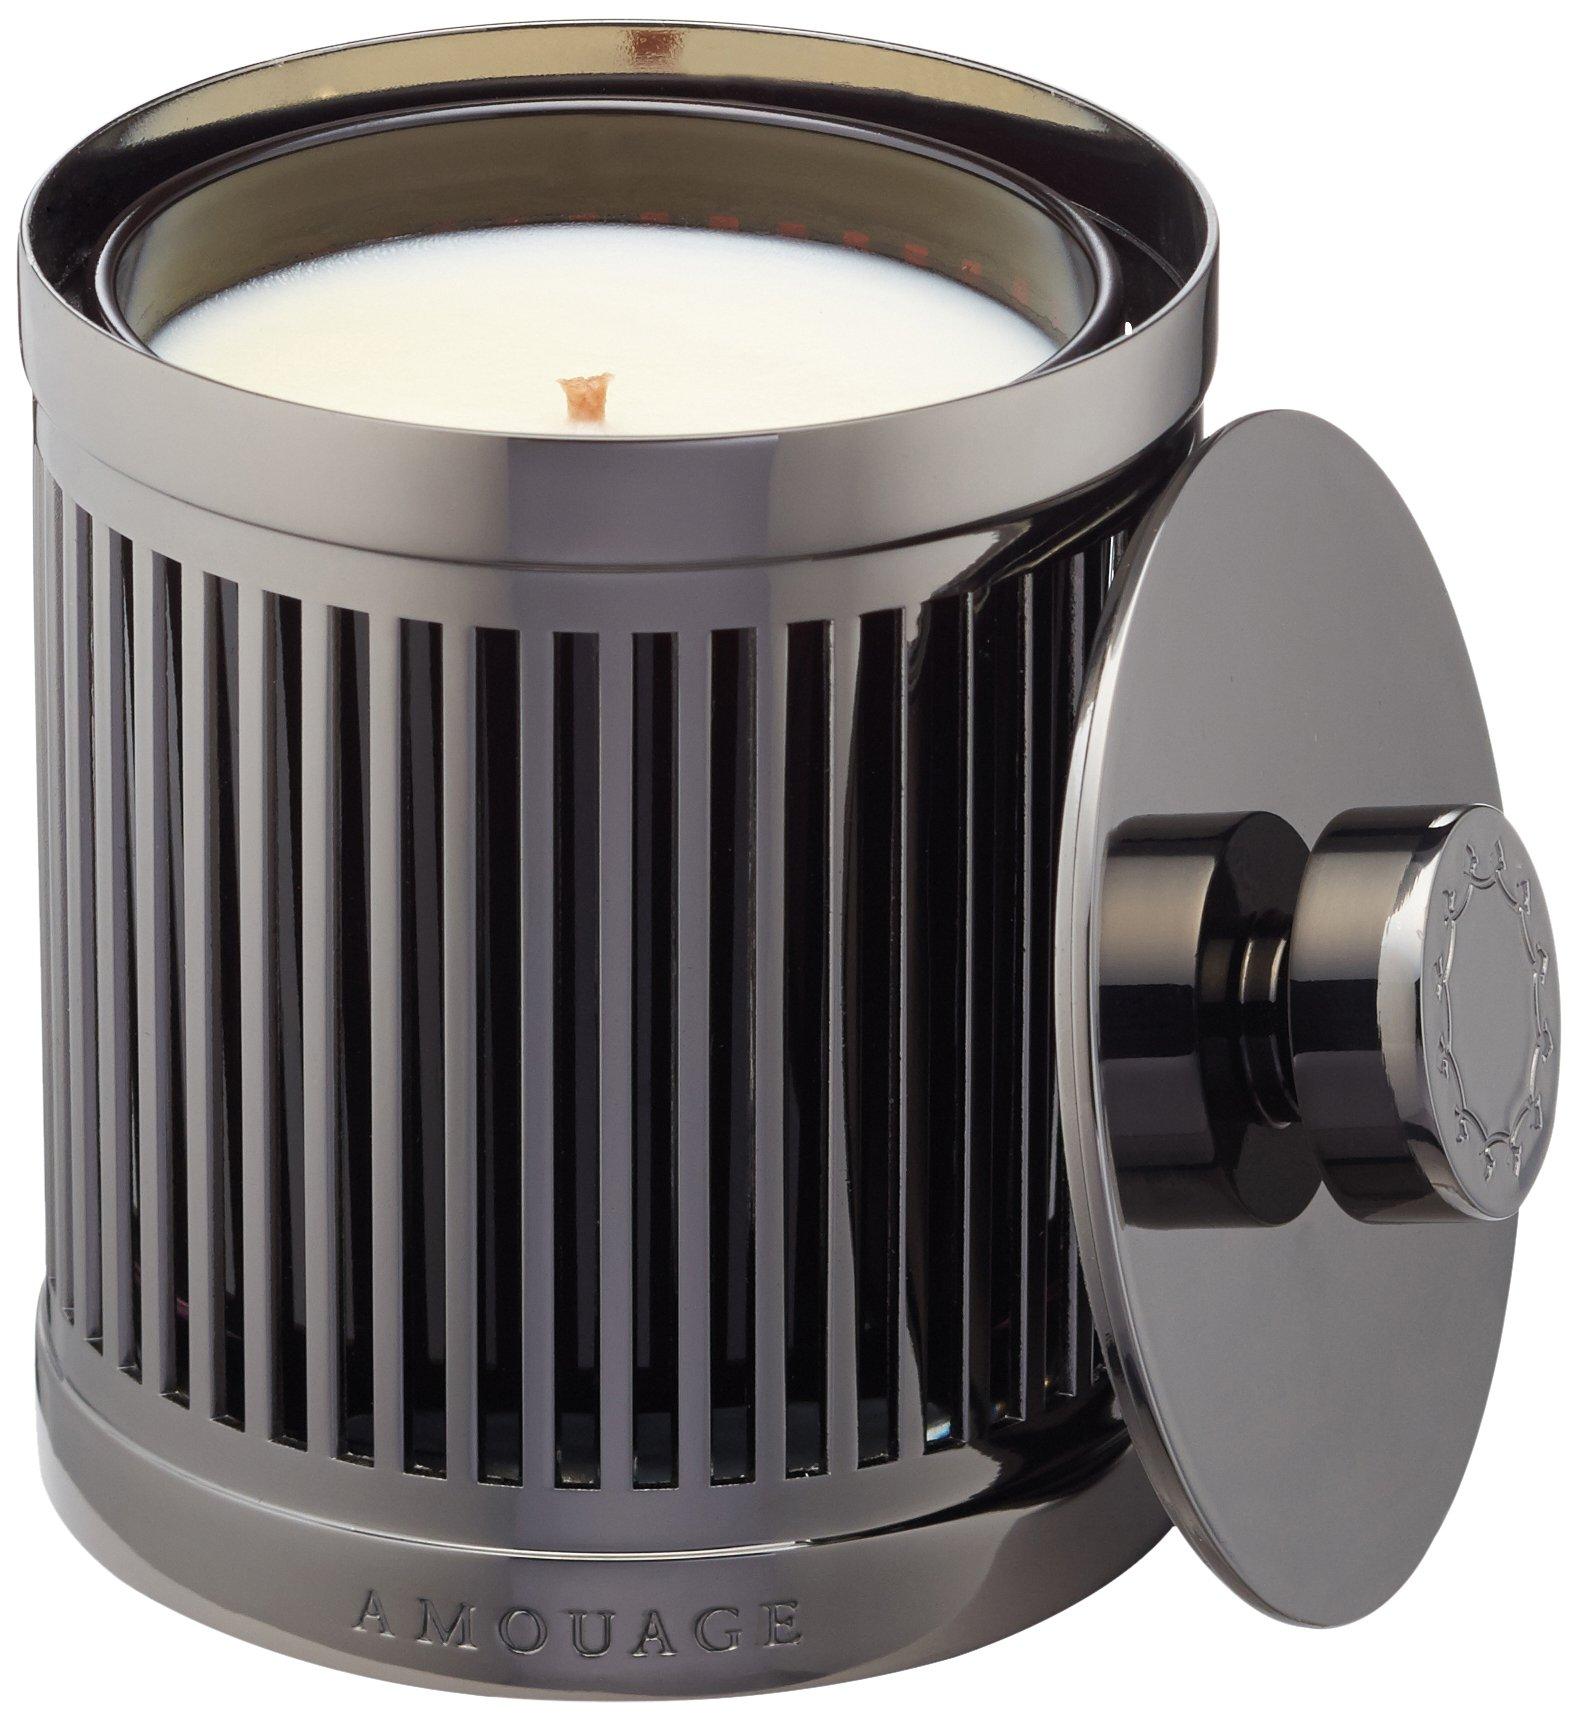 AMOUAGE Lyric Women's Candle Fragrance Set, 6.9 oz.